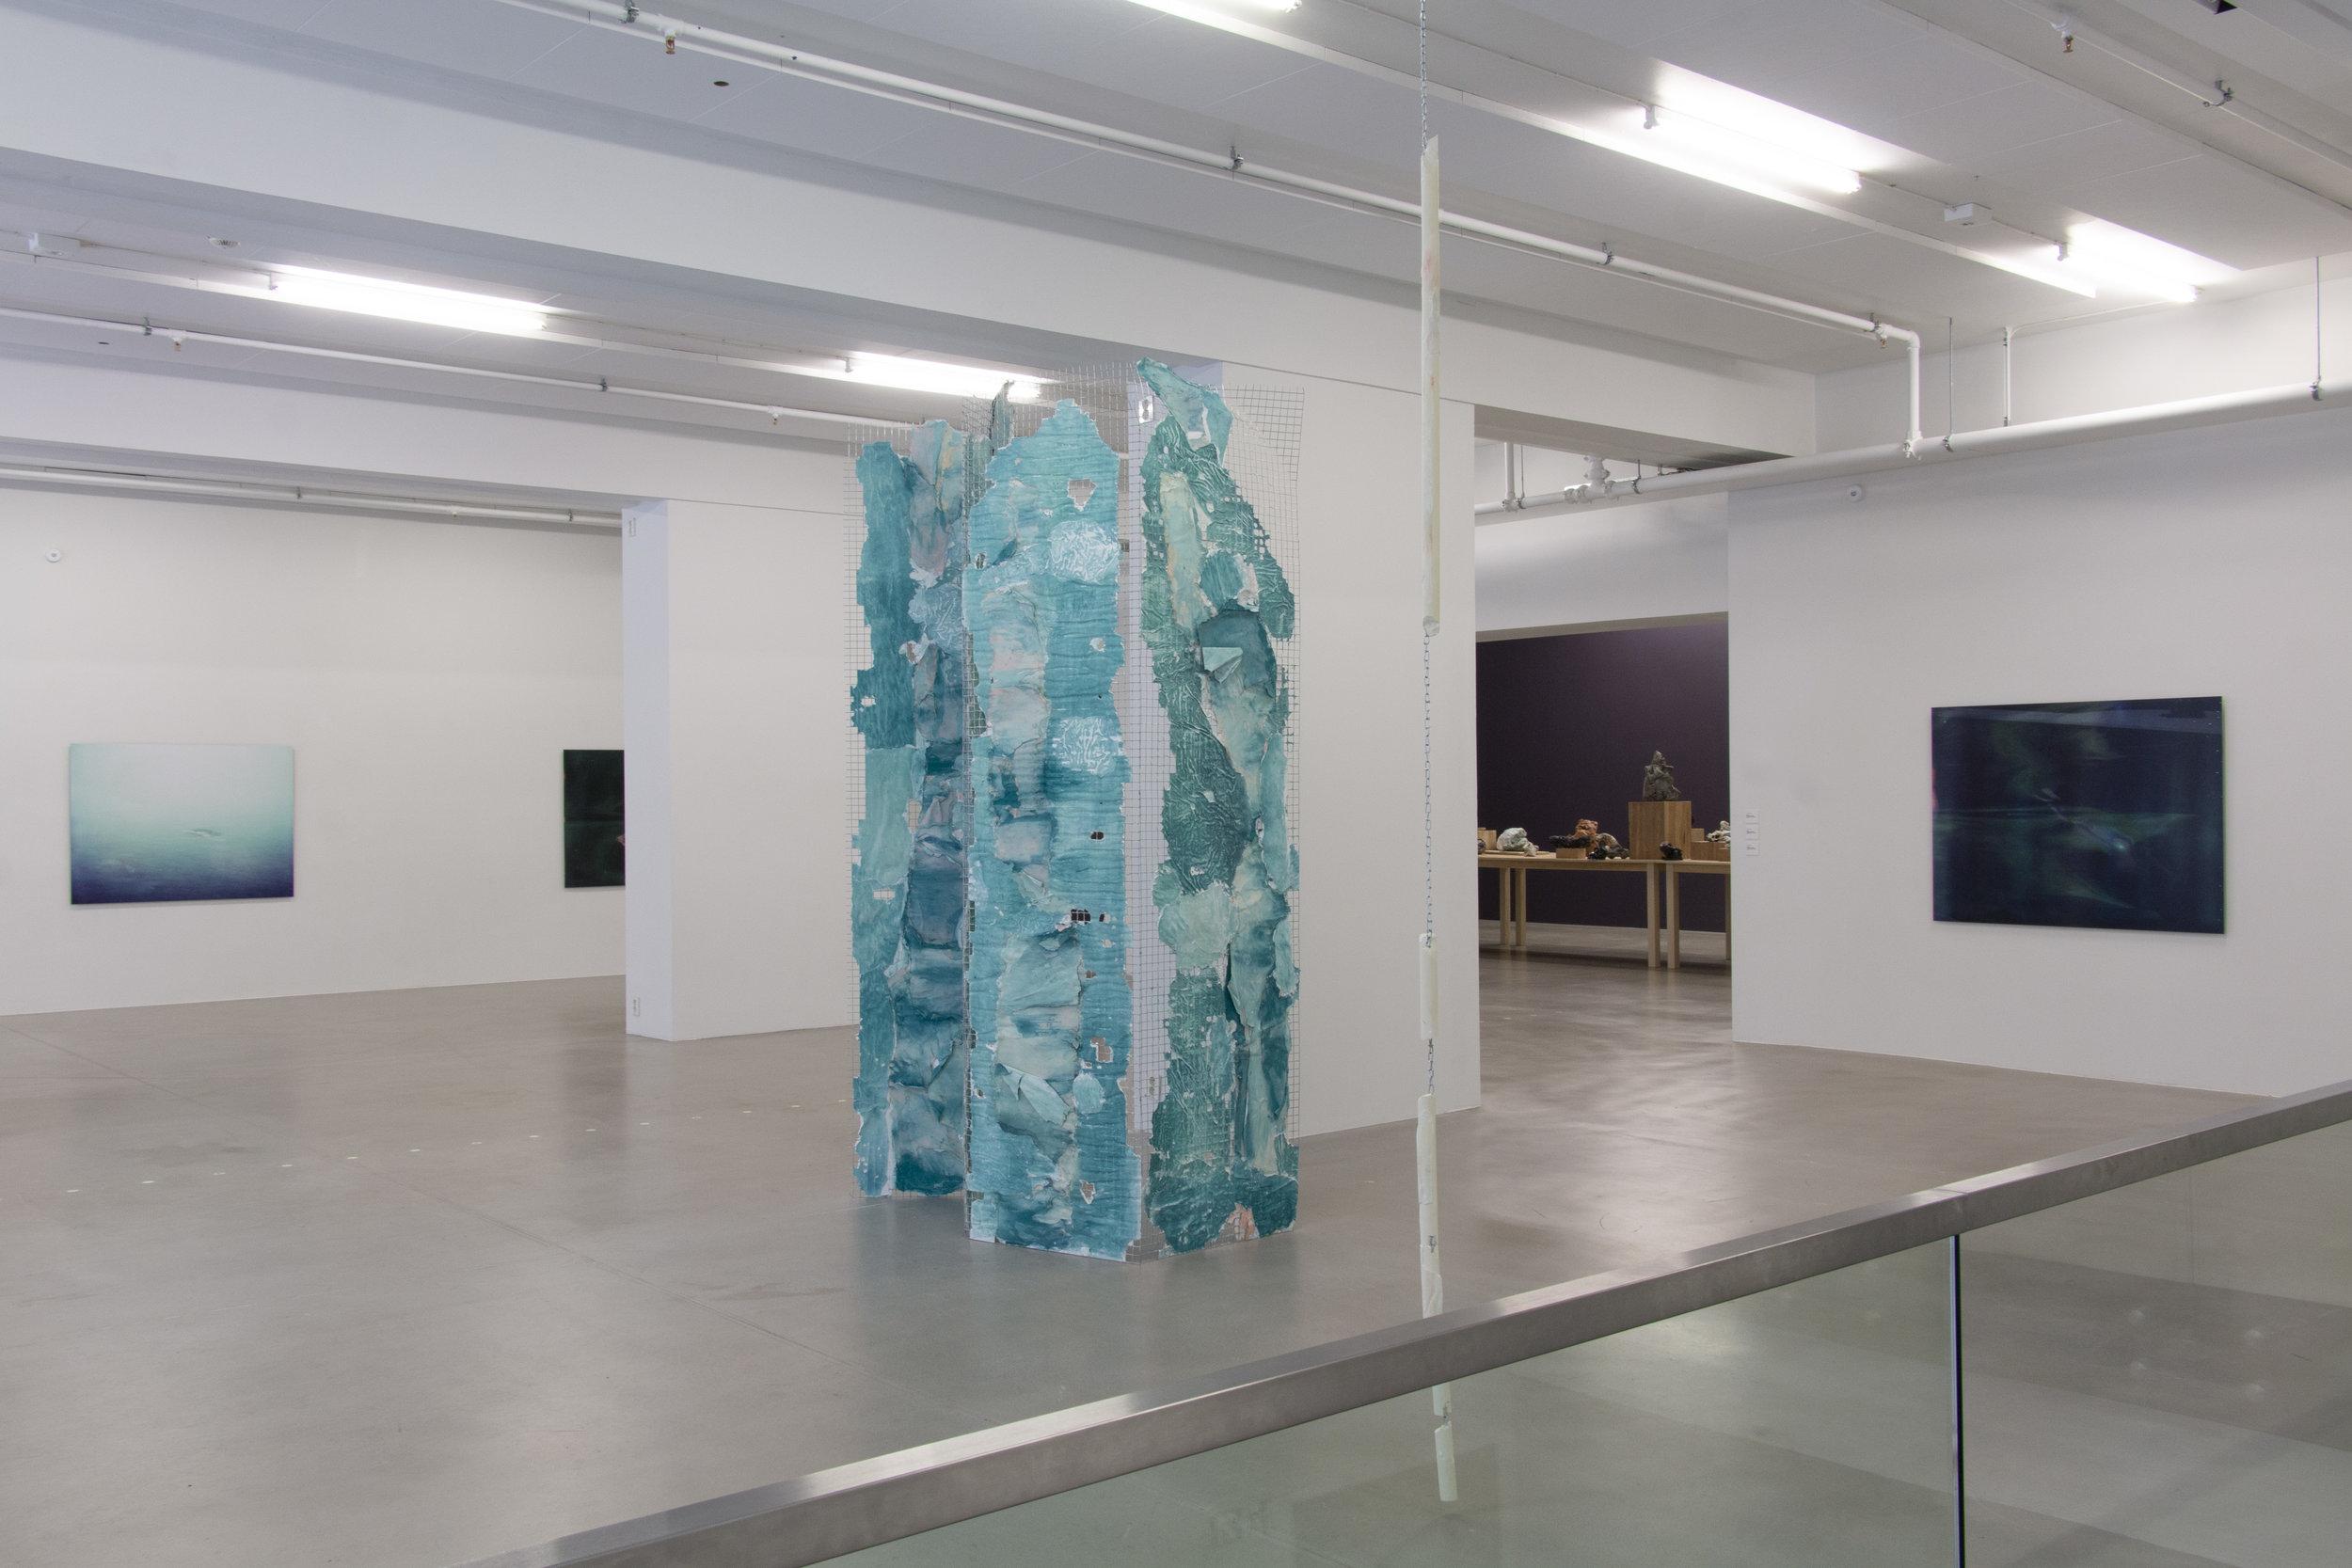 Installasjonsbilde med verk av Ann Iren Buan, Thora Dolven Balke og Brit Dyrnes. Foto: Aage A. Mikalsen / Kunsthall Trondheim